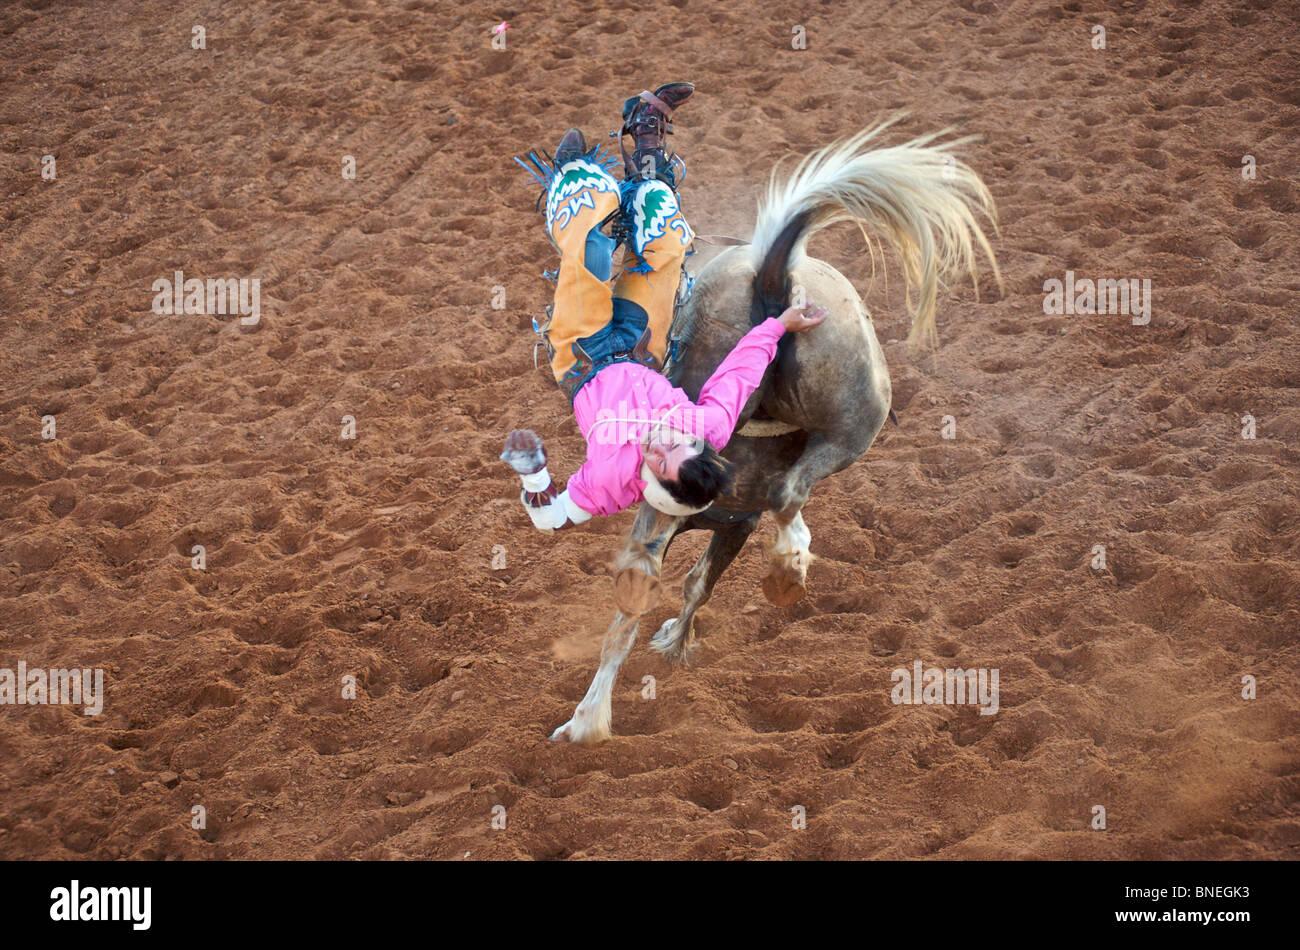 Rodeo Cowboy membre de l'érythroblastopénie est tomber du dos de cheval dans Petite-ville Bridgeport, Texas, États-Unis Banque D'Images